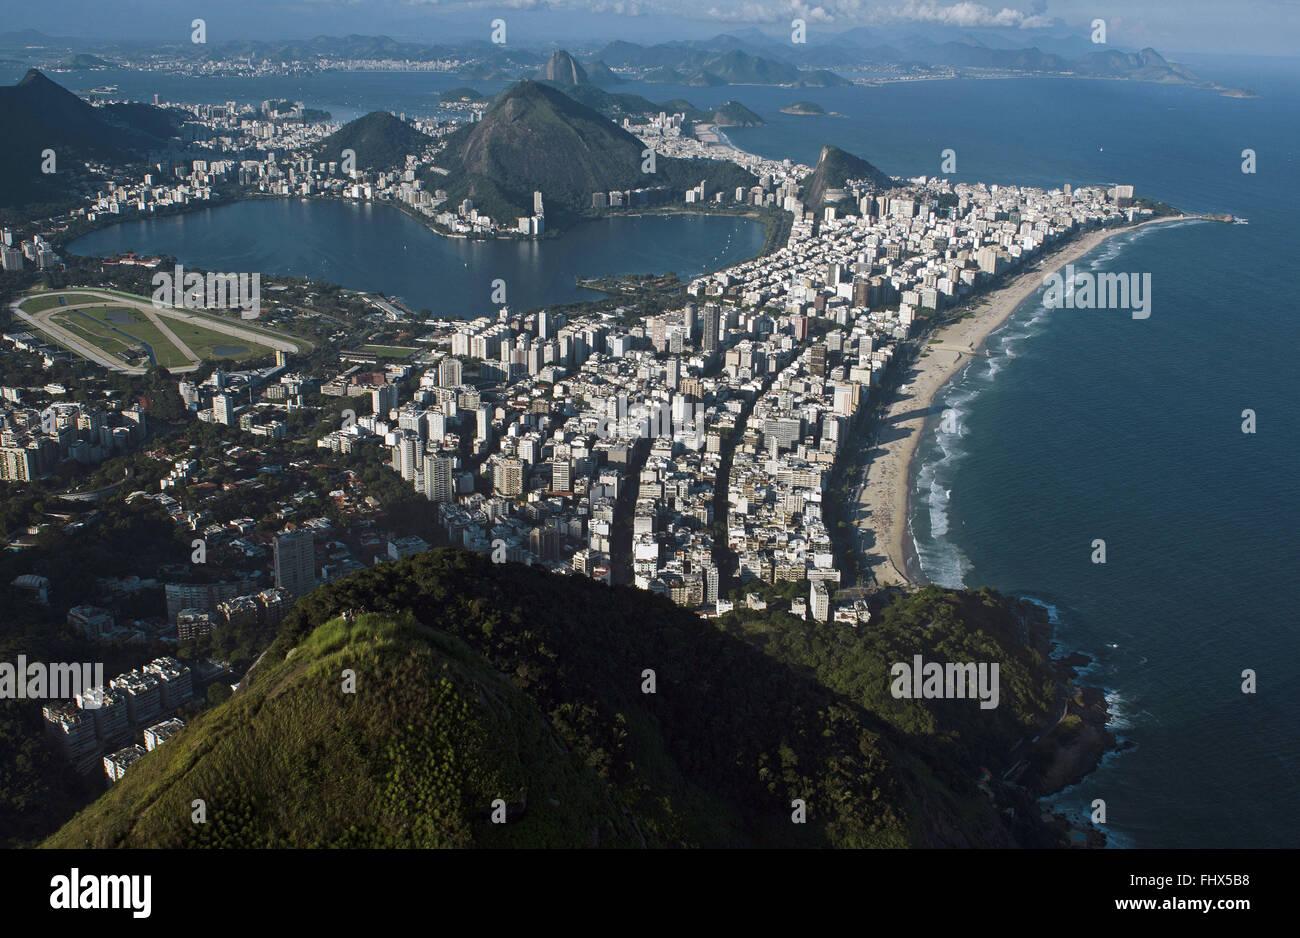 Vista aérea de las playas de Copacabana e Ipanema, Leblon Leme - Cerro Pan de Azúcar en el fondo Imagen De Stock